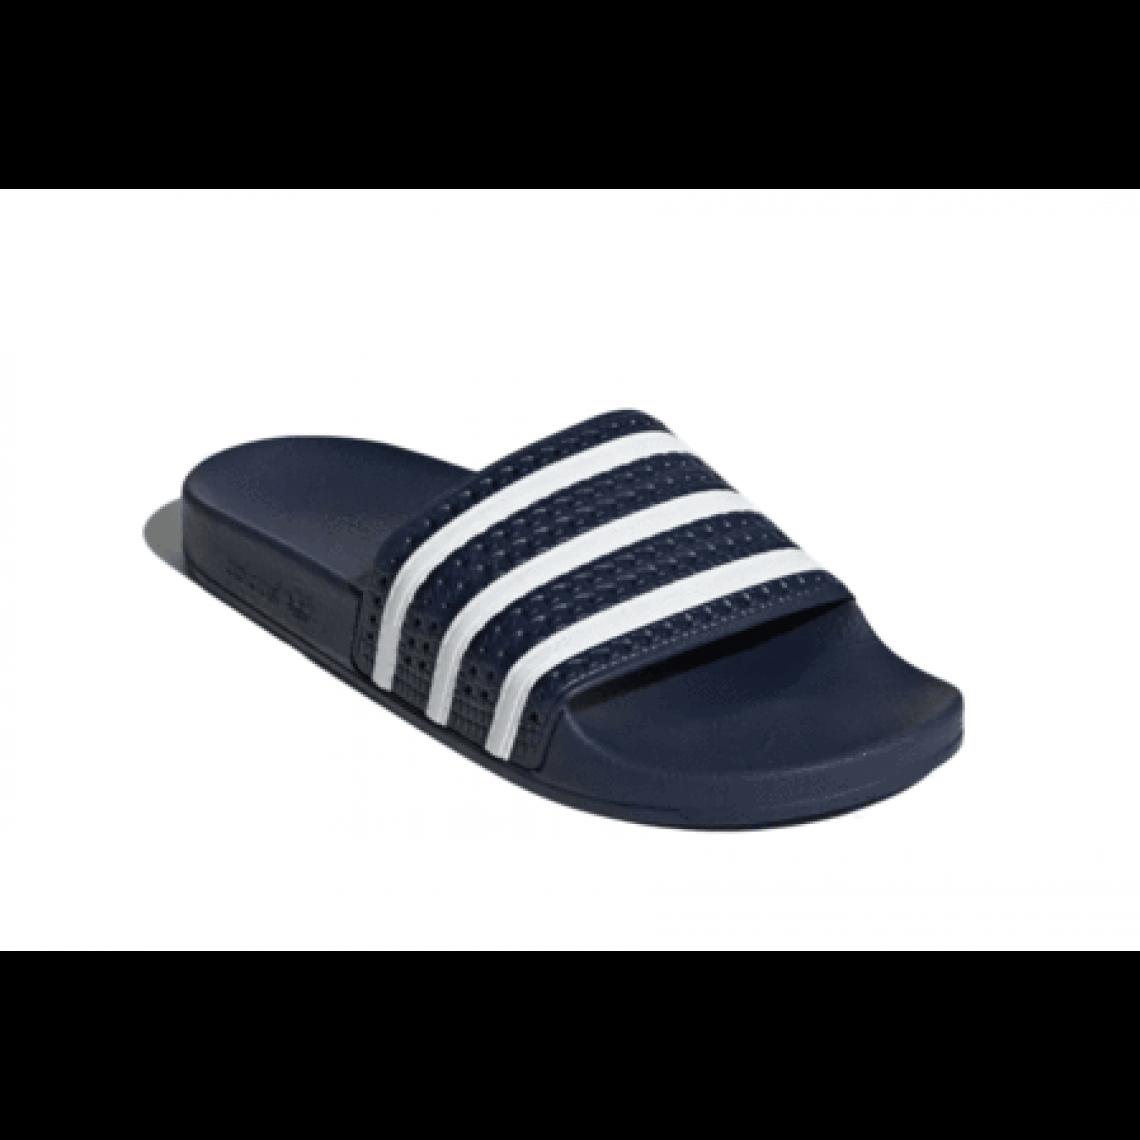 Sandales homme pas adidas comparez et achetez